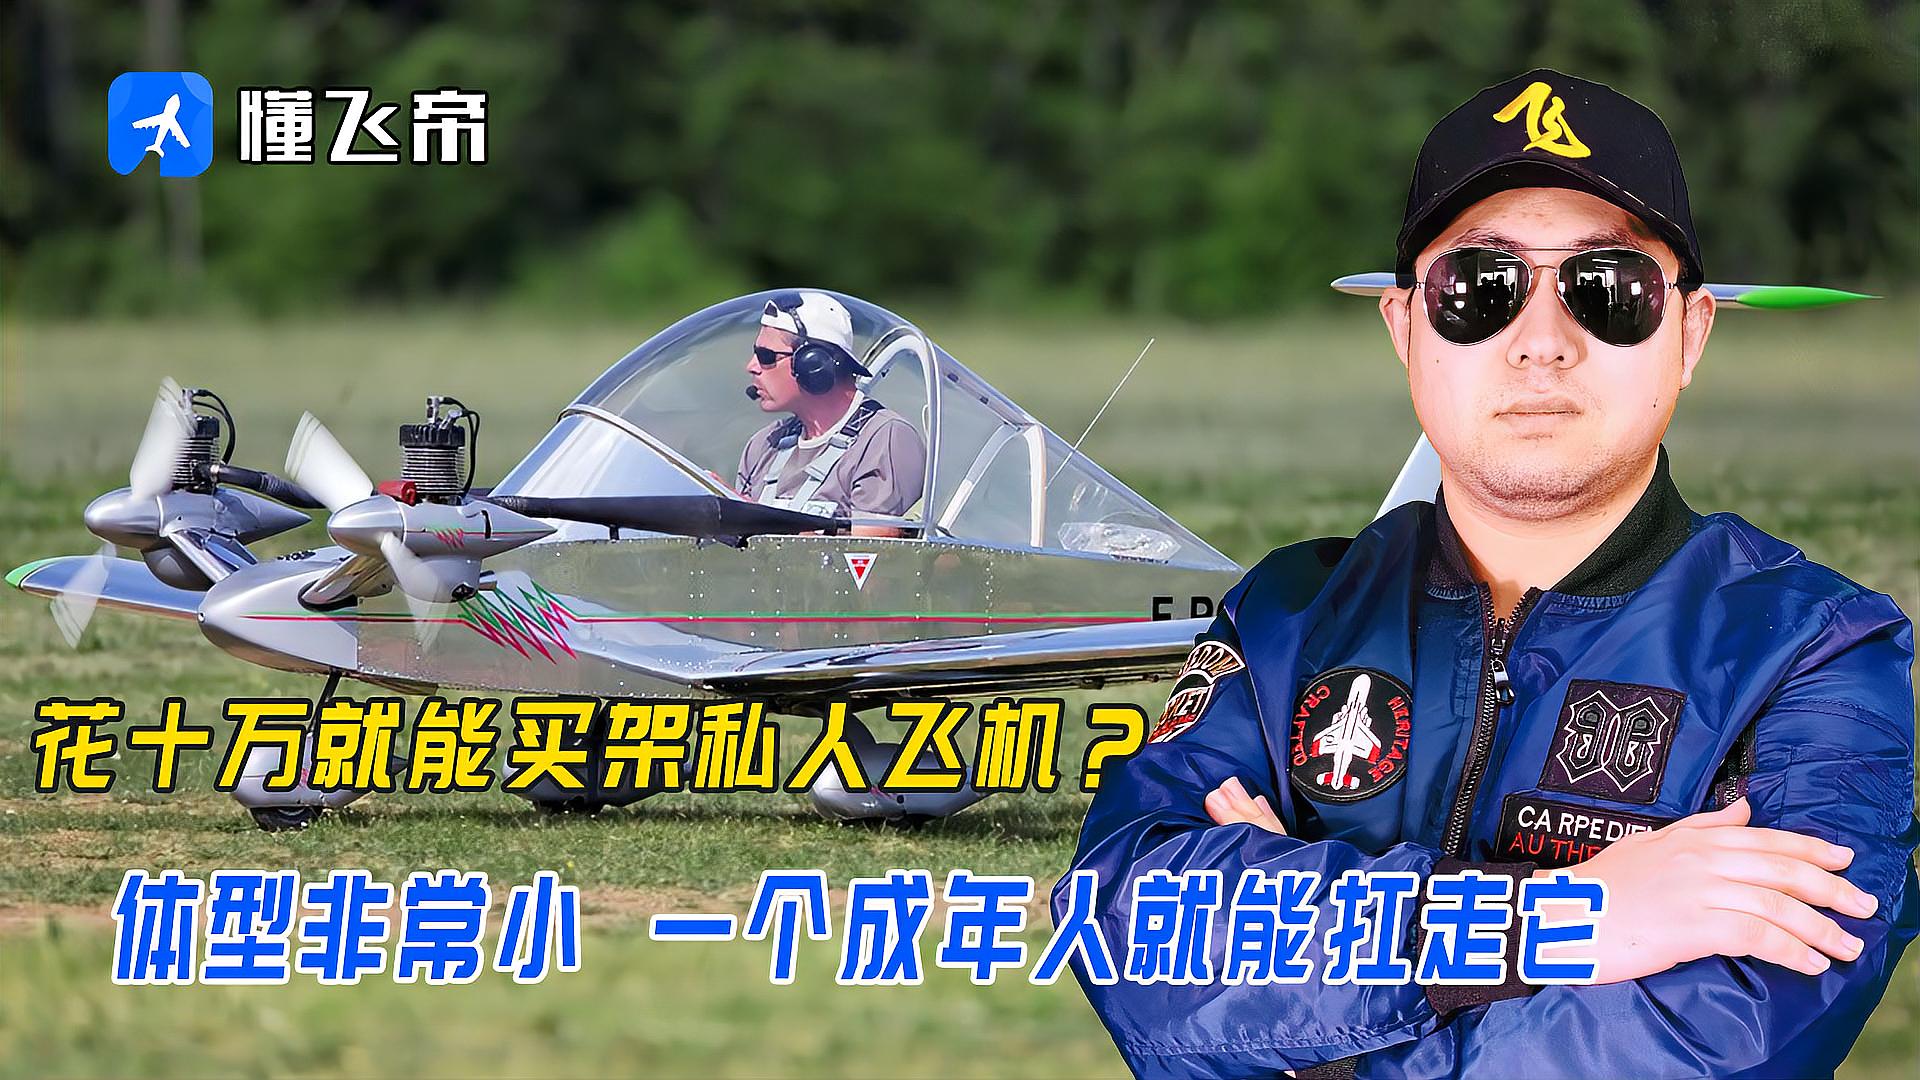 花十万就能买架私人飞机?体型非常小,一个成年人就能扛走它